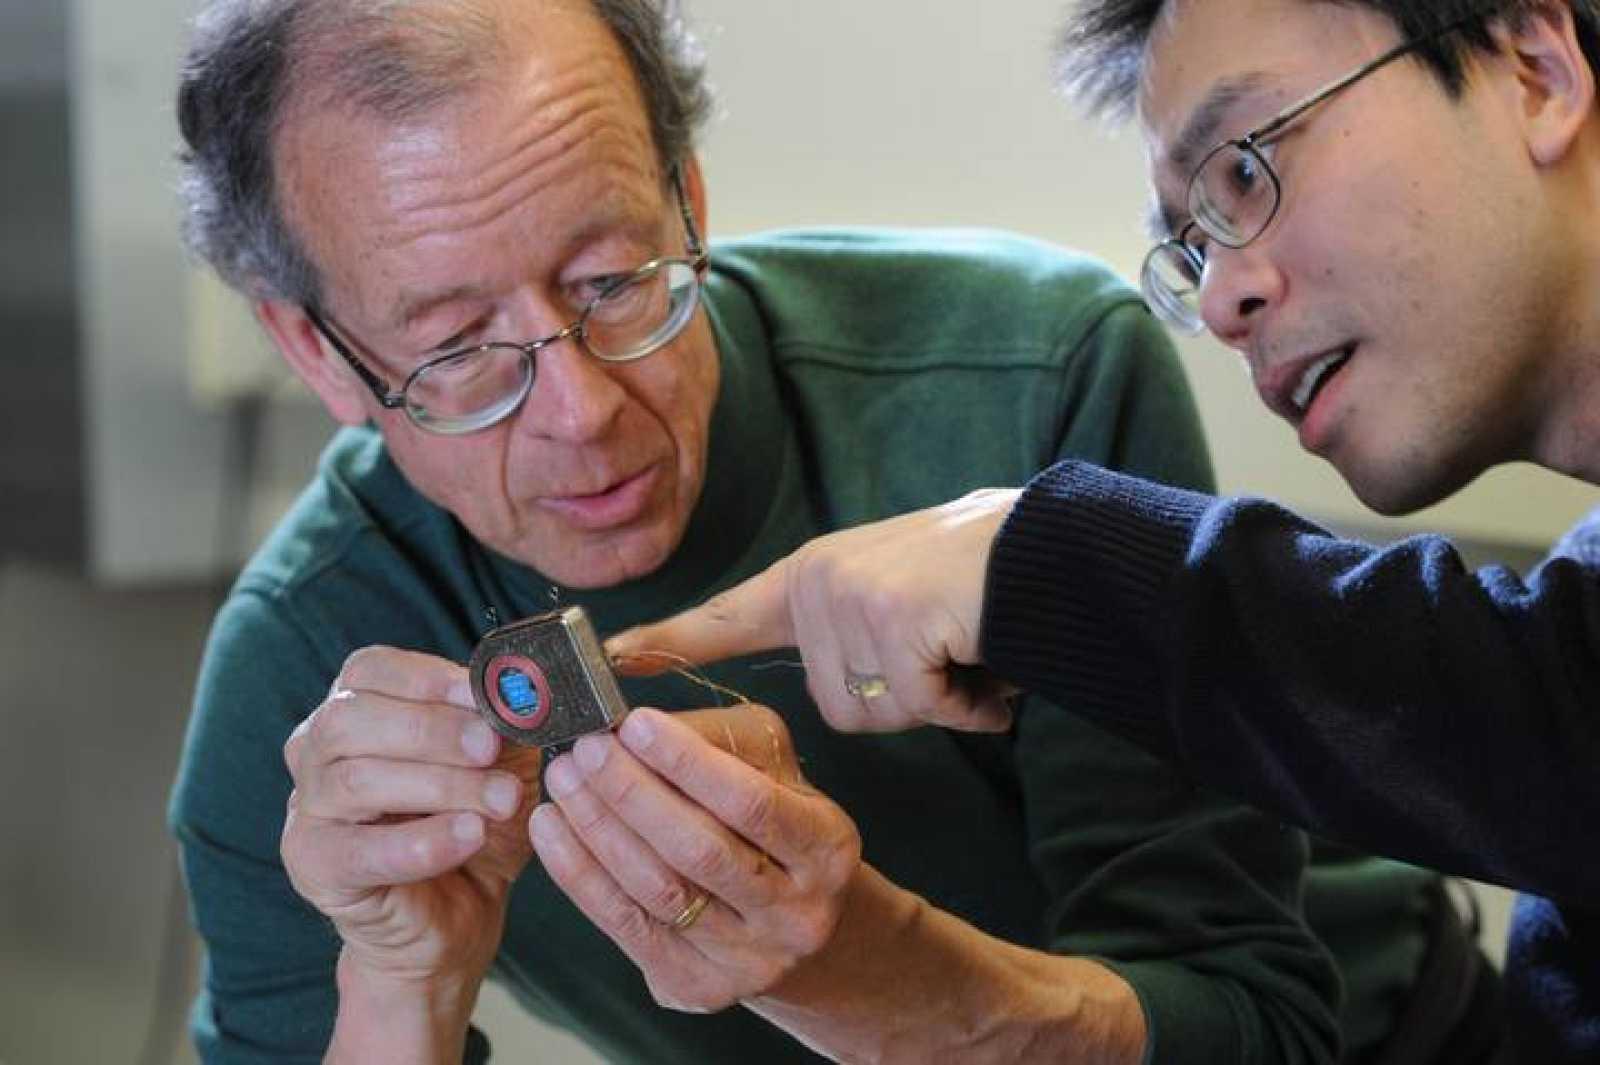 Los ingenieros Arto Nurmikko y Ming Yin examinan sus prototipos inalámbricos.